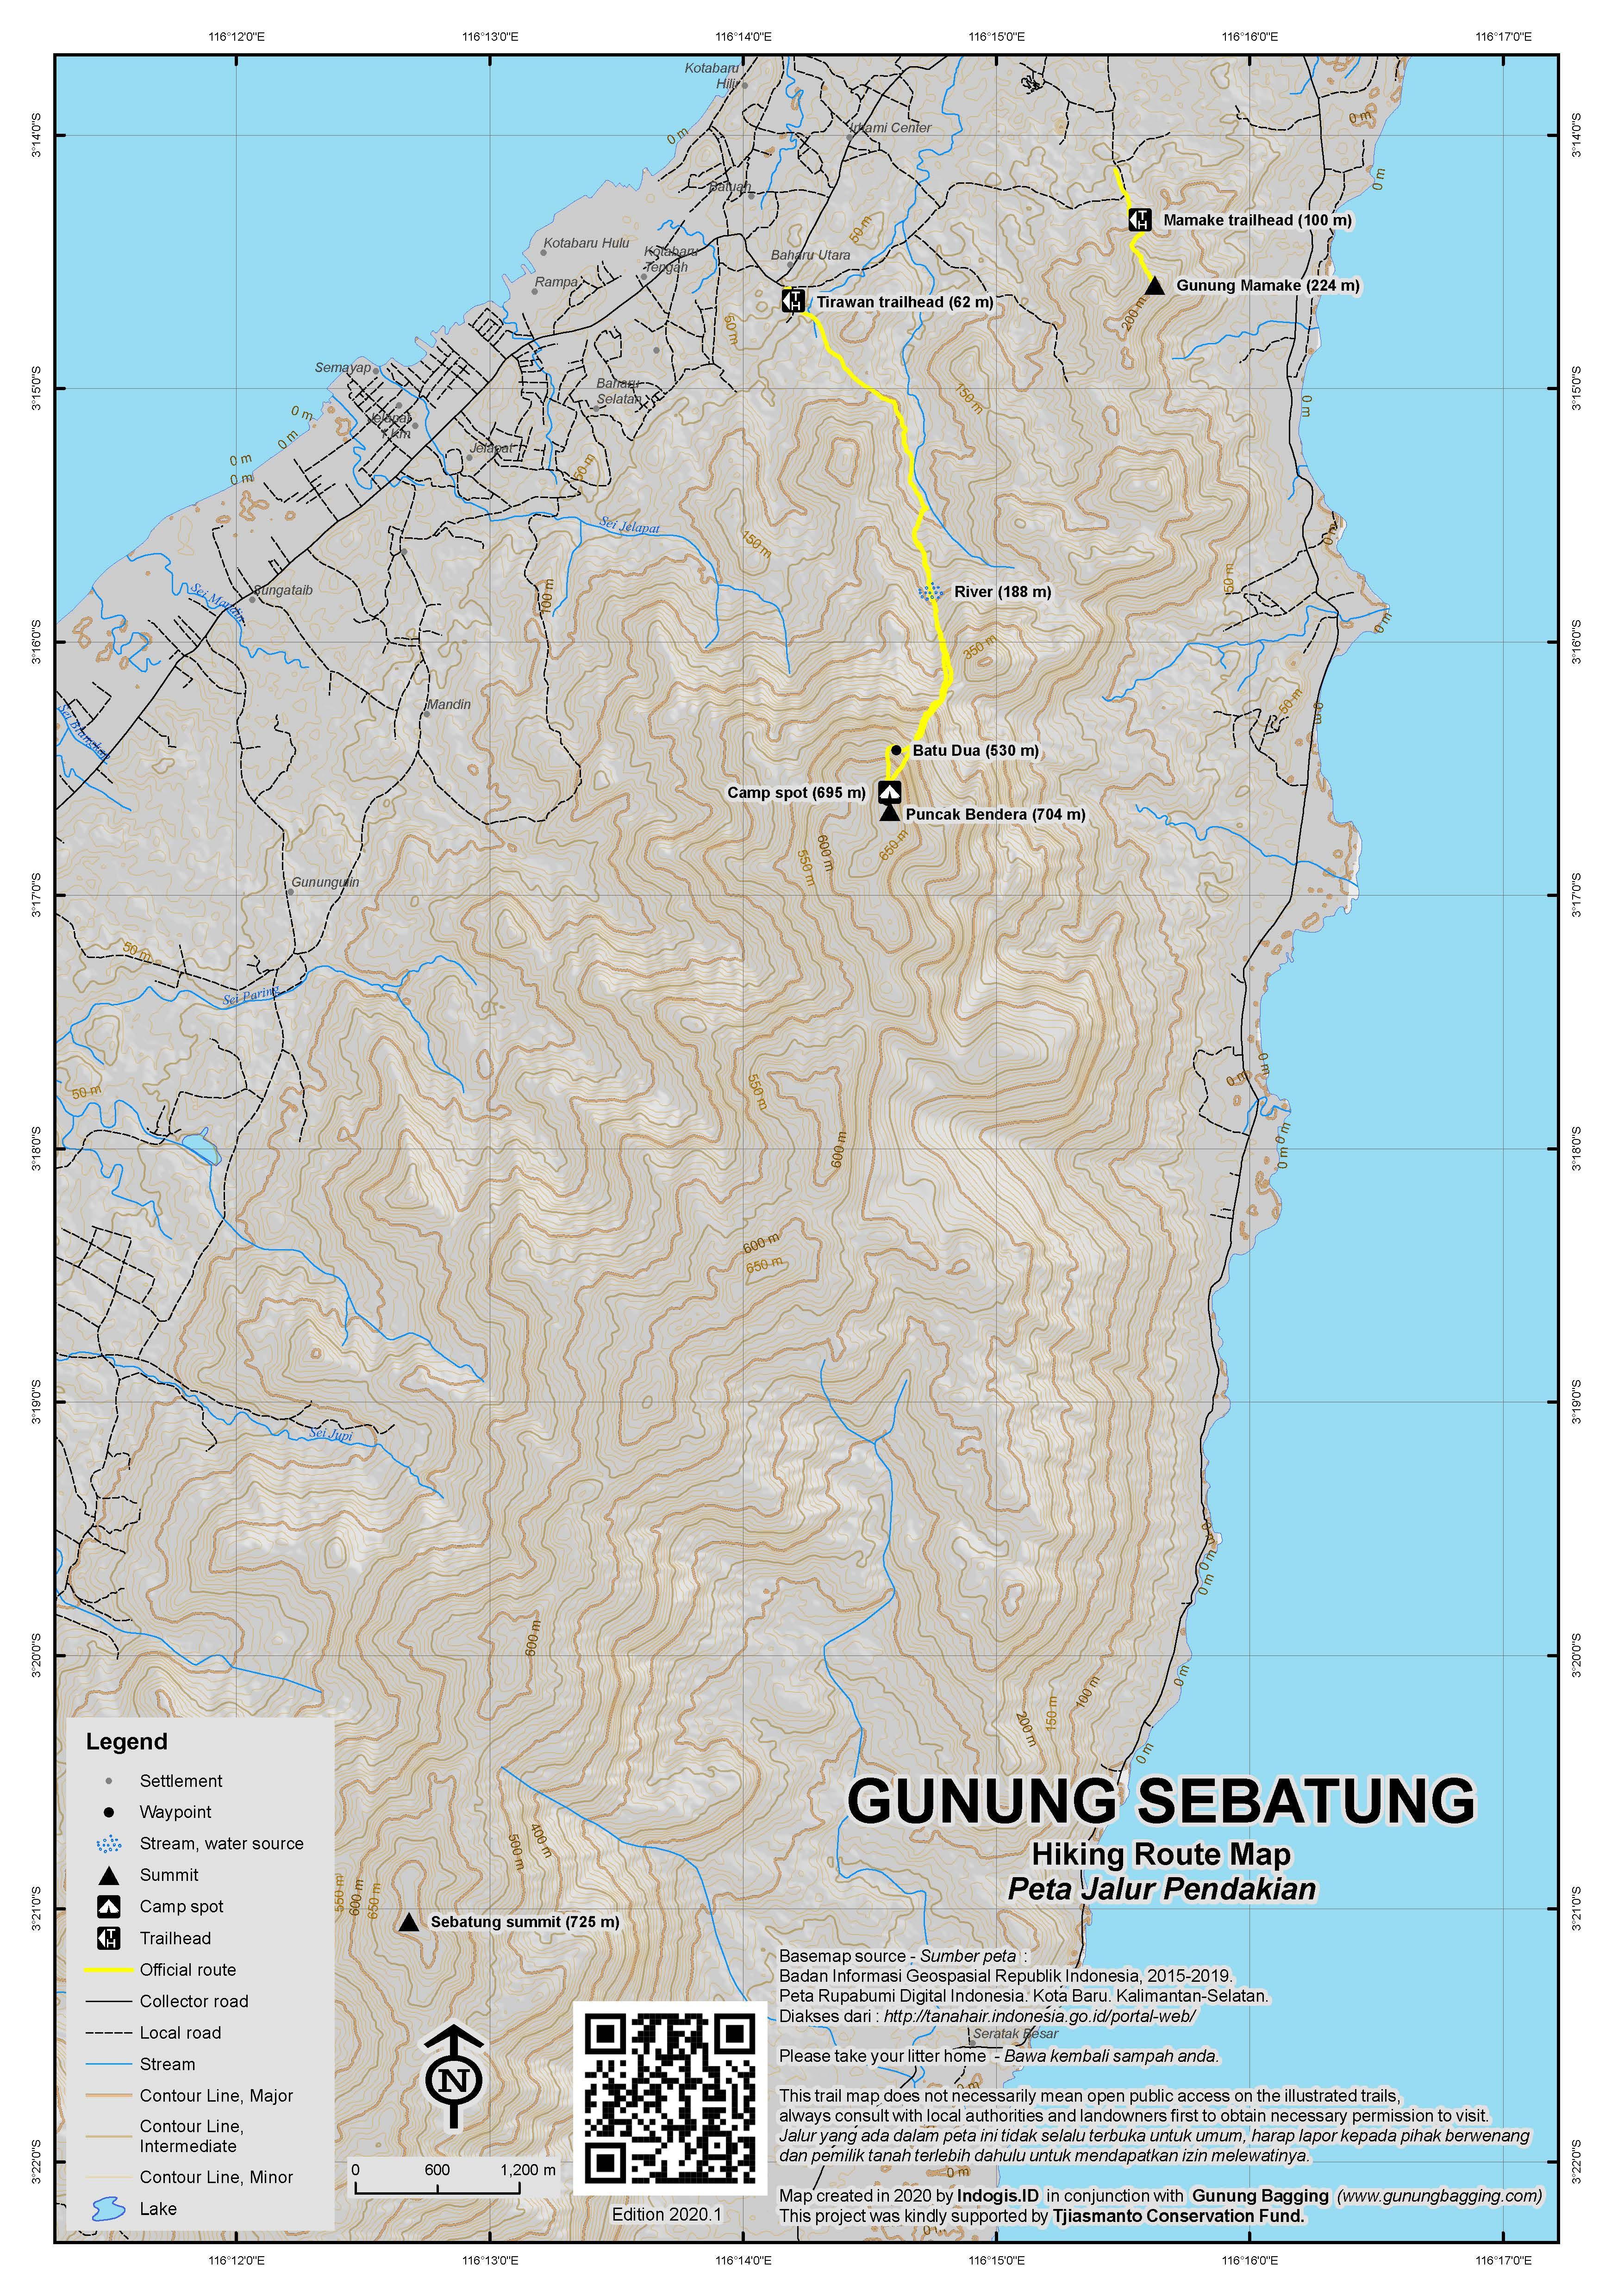 Peta Jalur Pendakian Gunung Sebatung